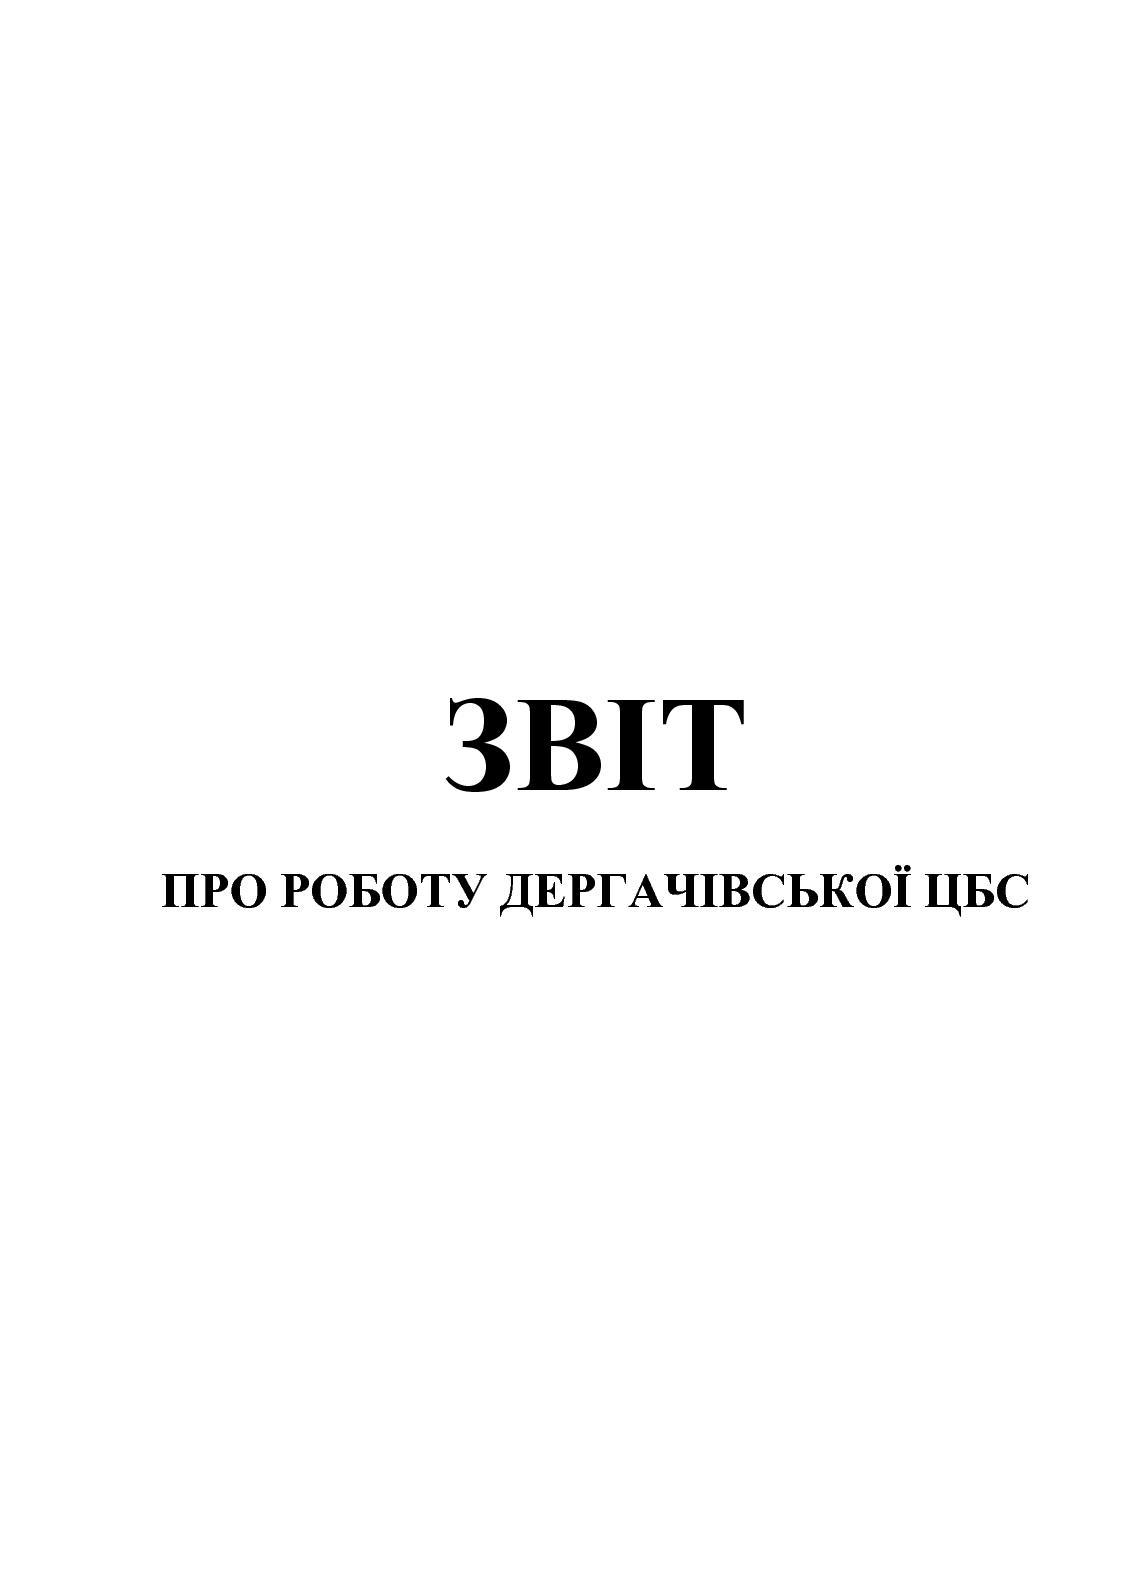 Звіт про роботу Дергачівської ЦБС